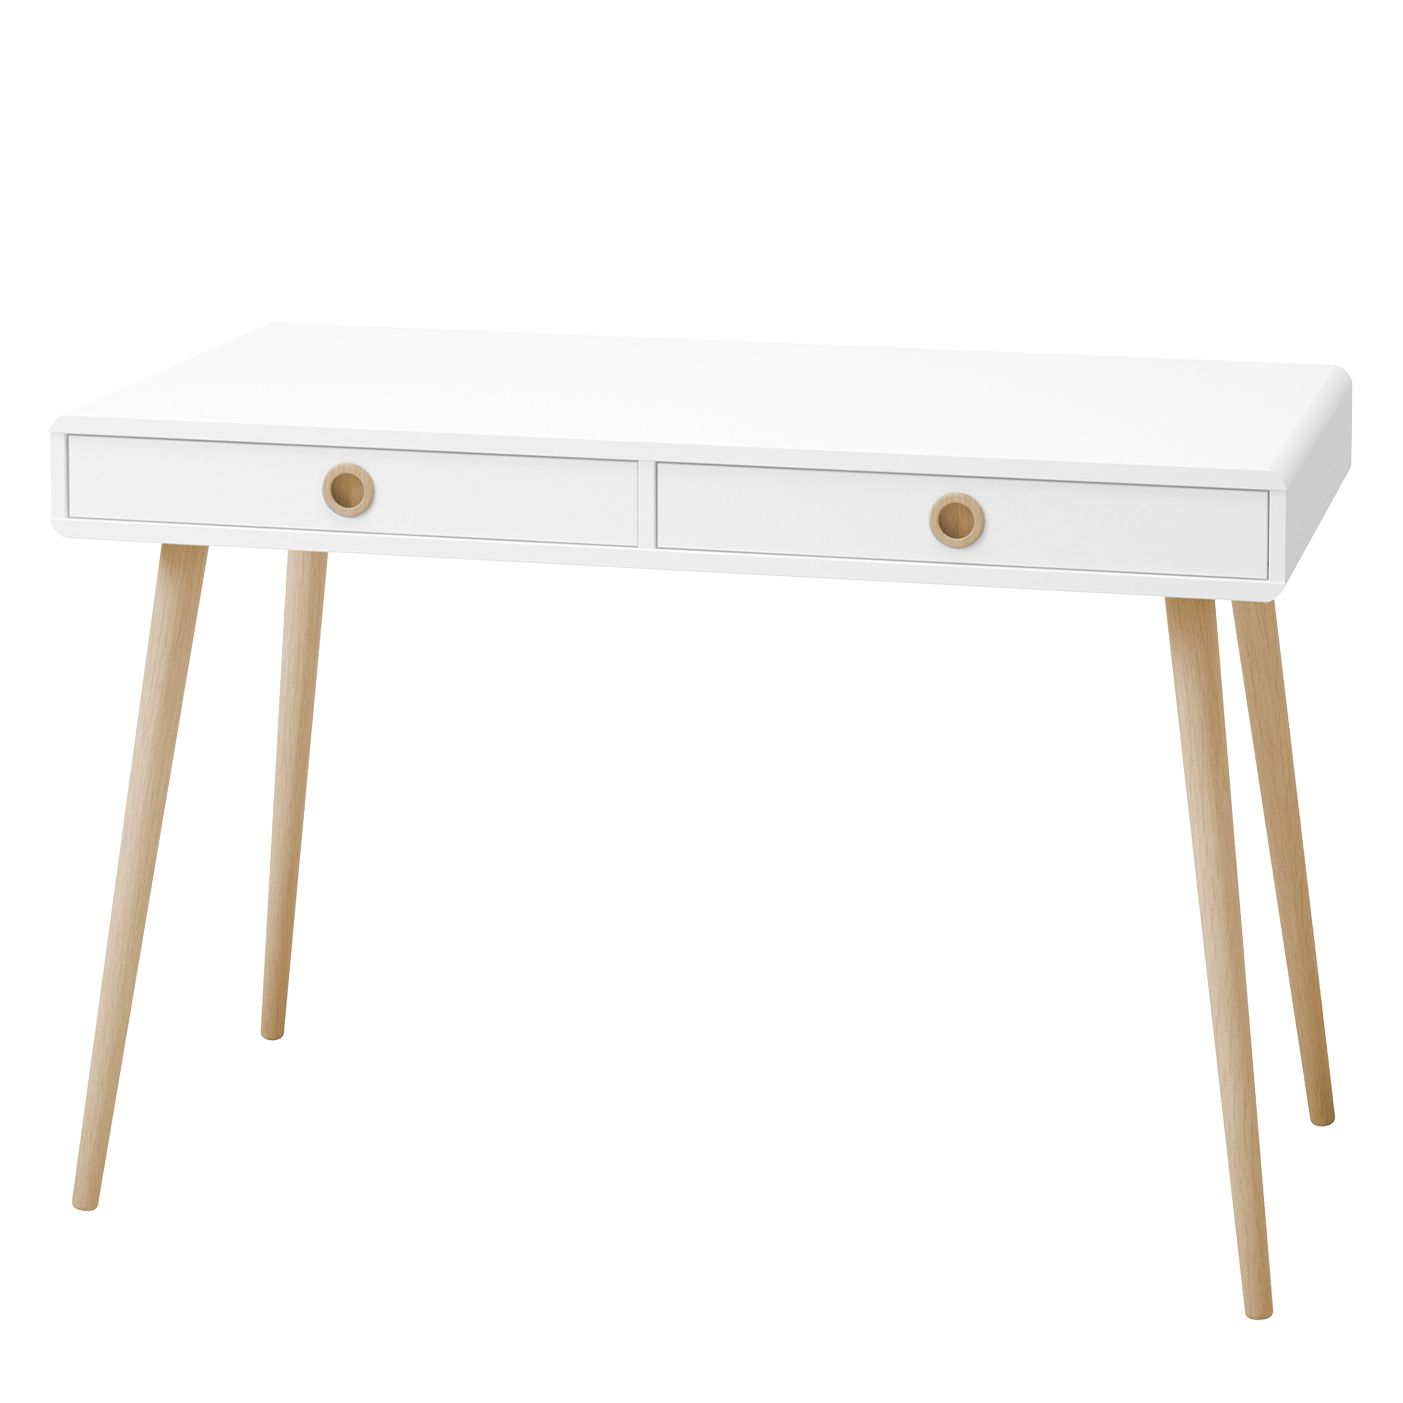 Schreibtisch Janos - Eiche teilmassiv - Weiß / Eiche - 114 x 57 cm, Steens